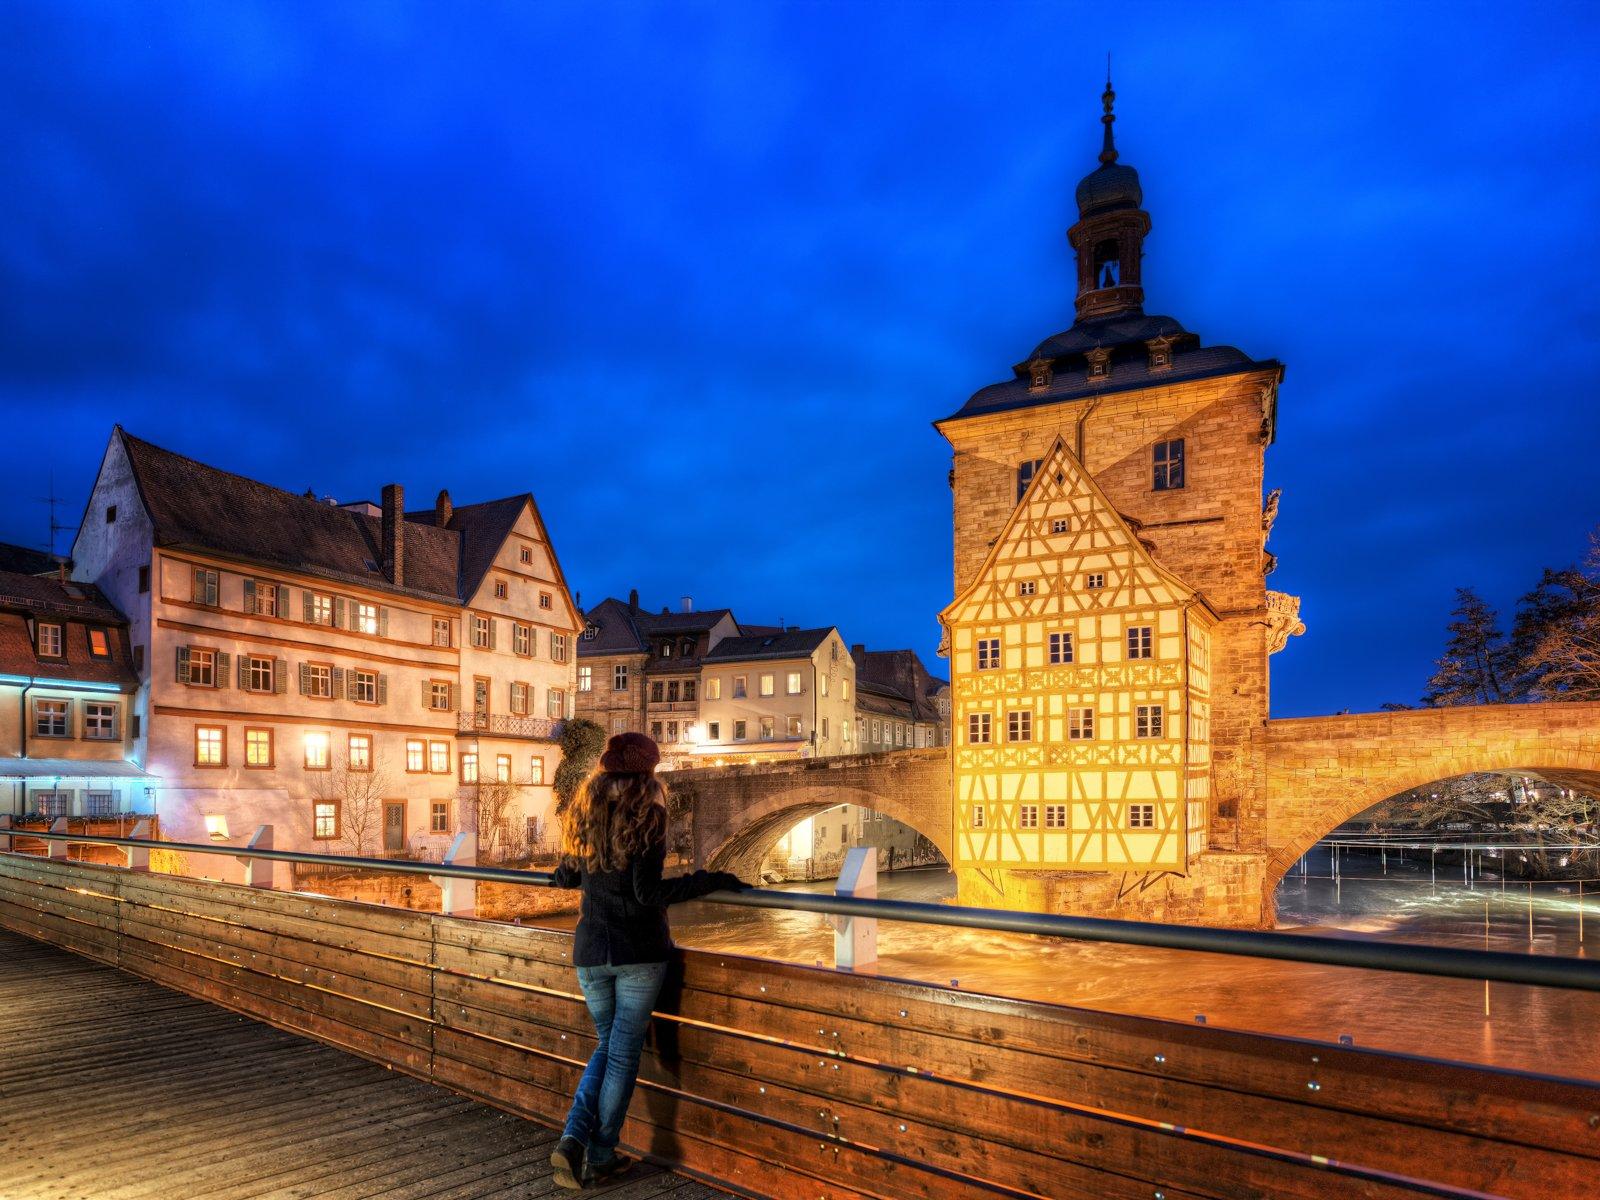 Blick auf das Bamberger Rathaus in Franken bei Nacht